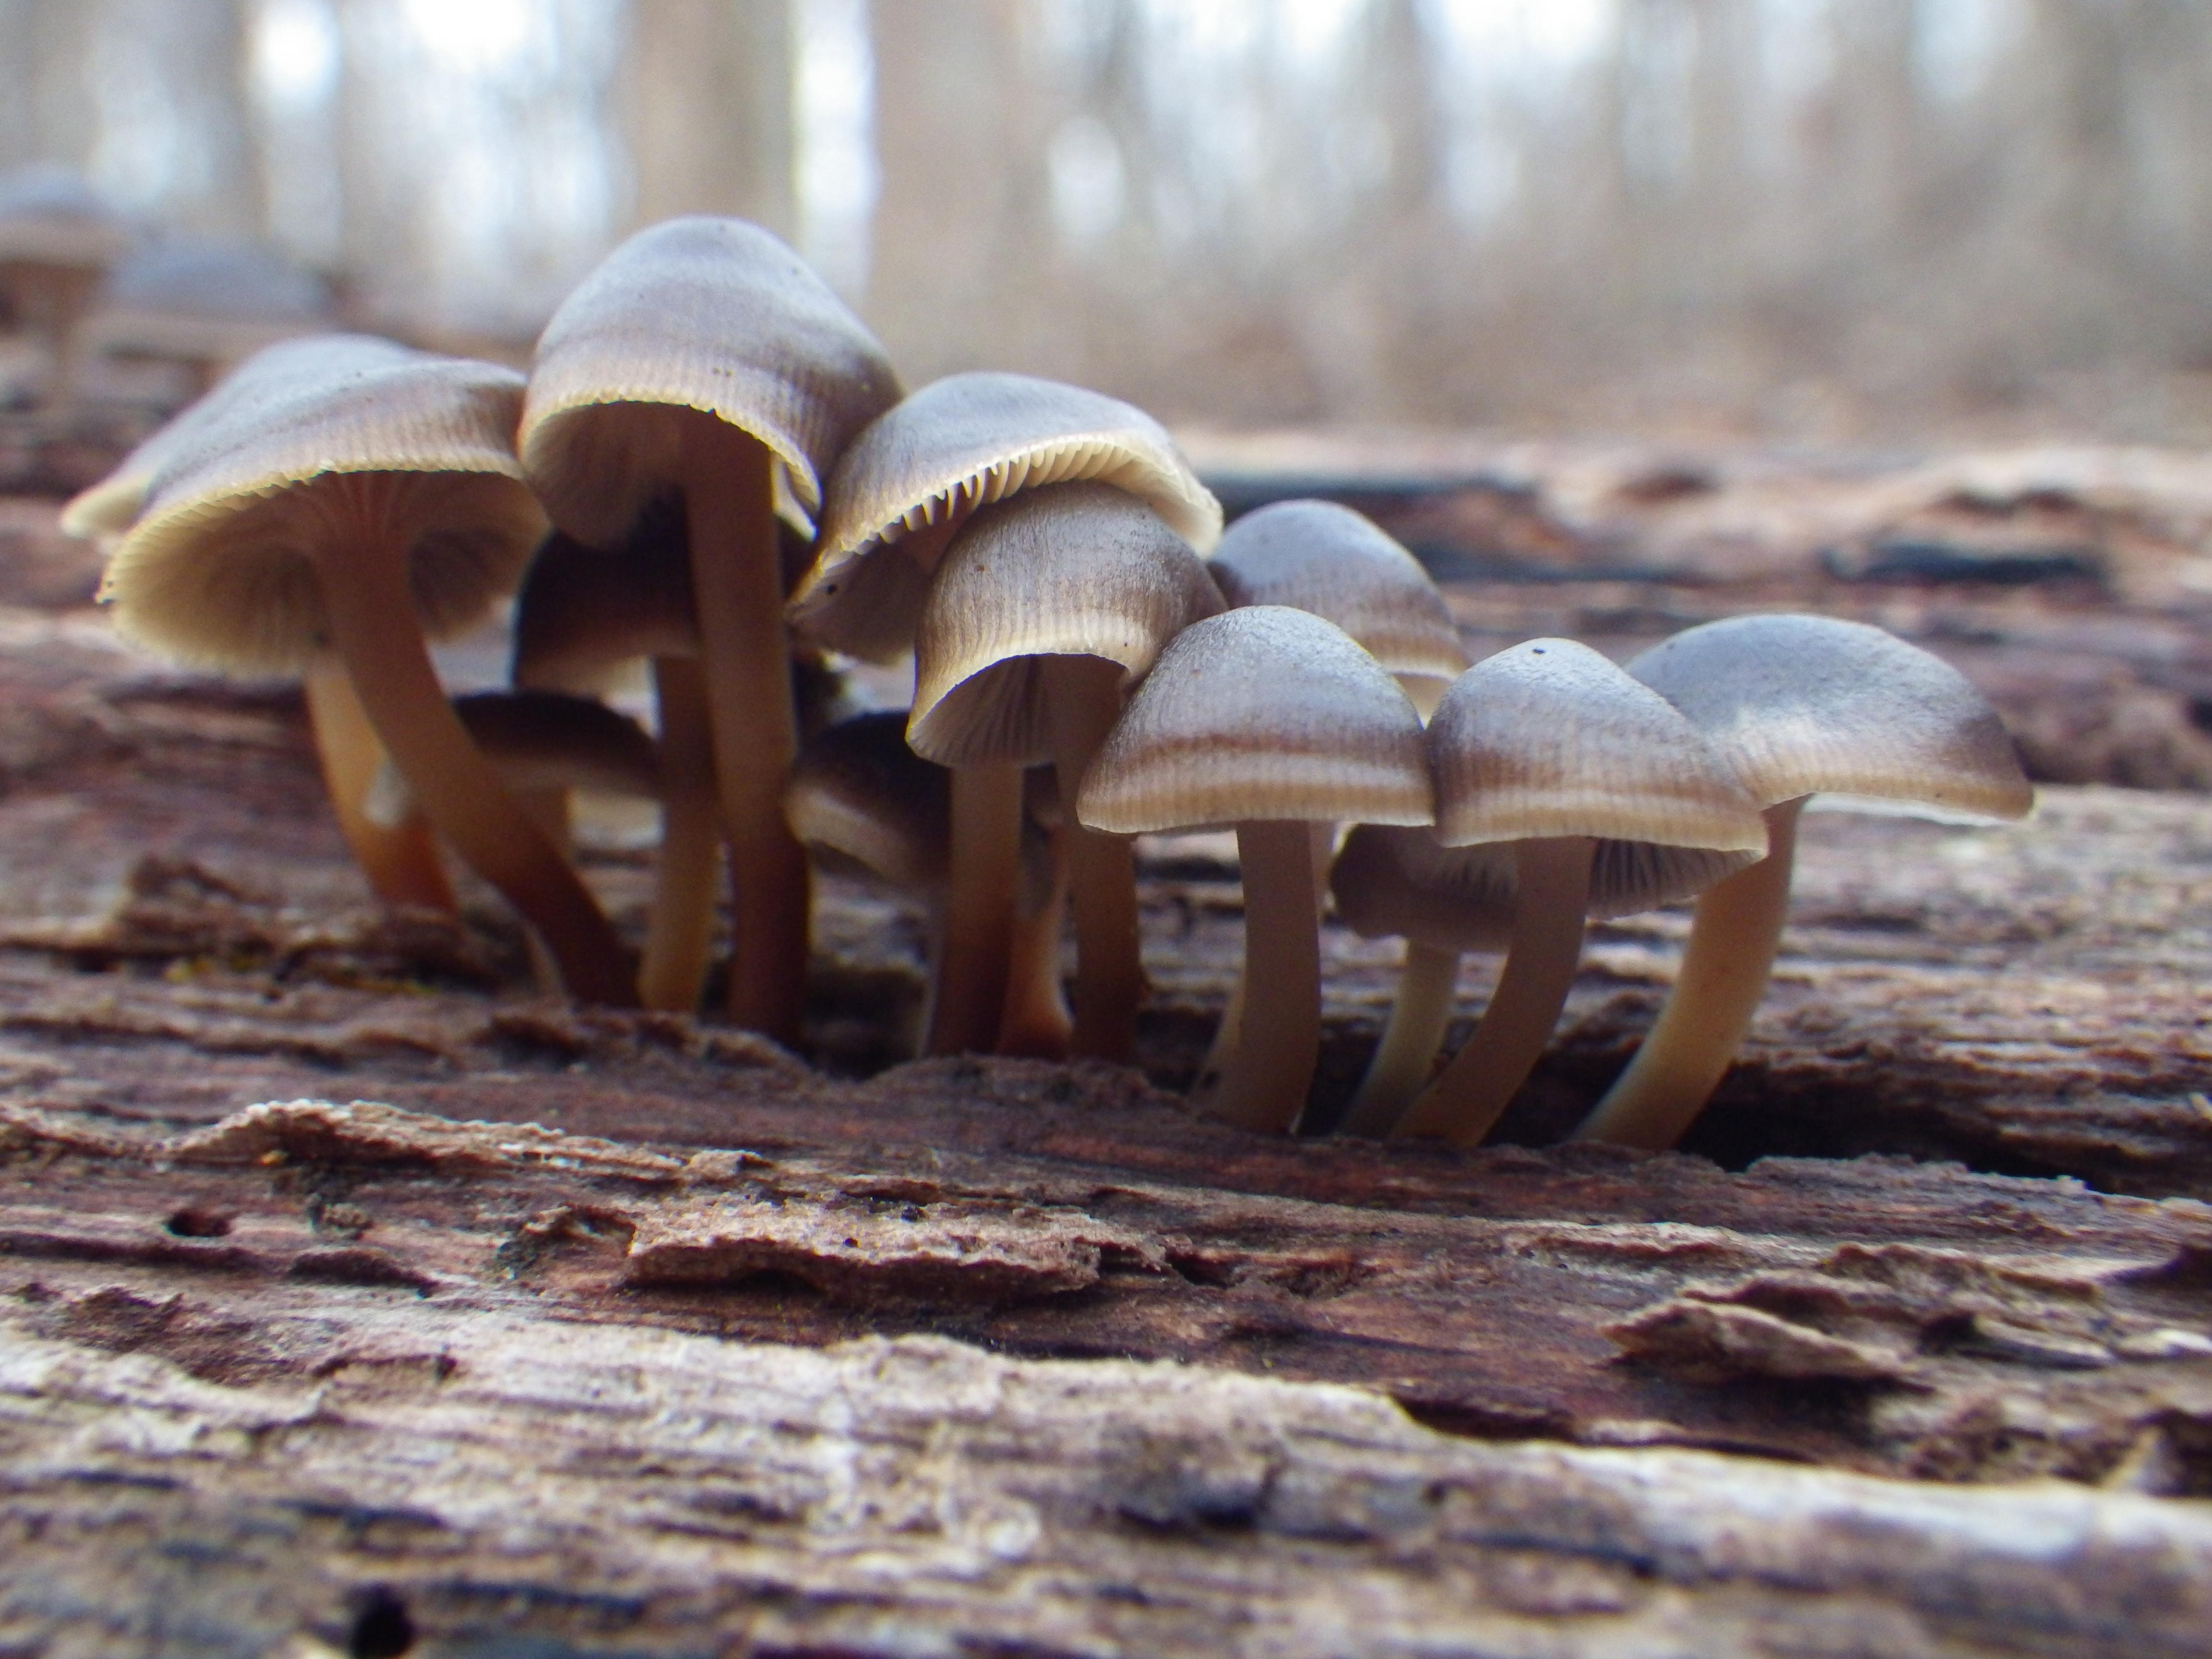 Mushroom CLuster by Llammastache